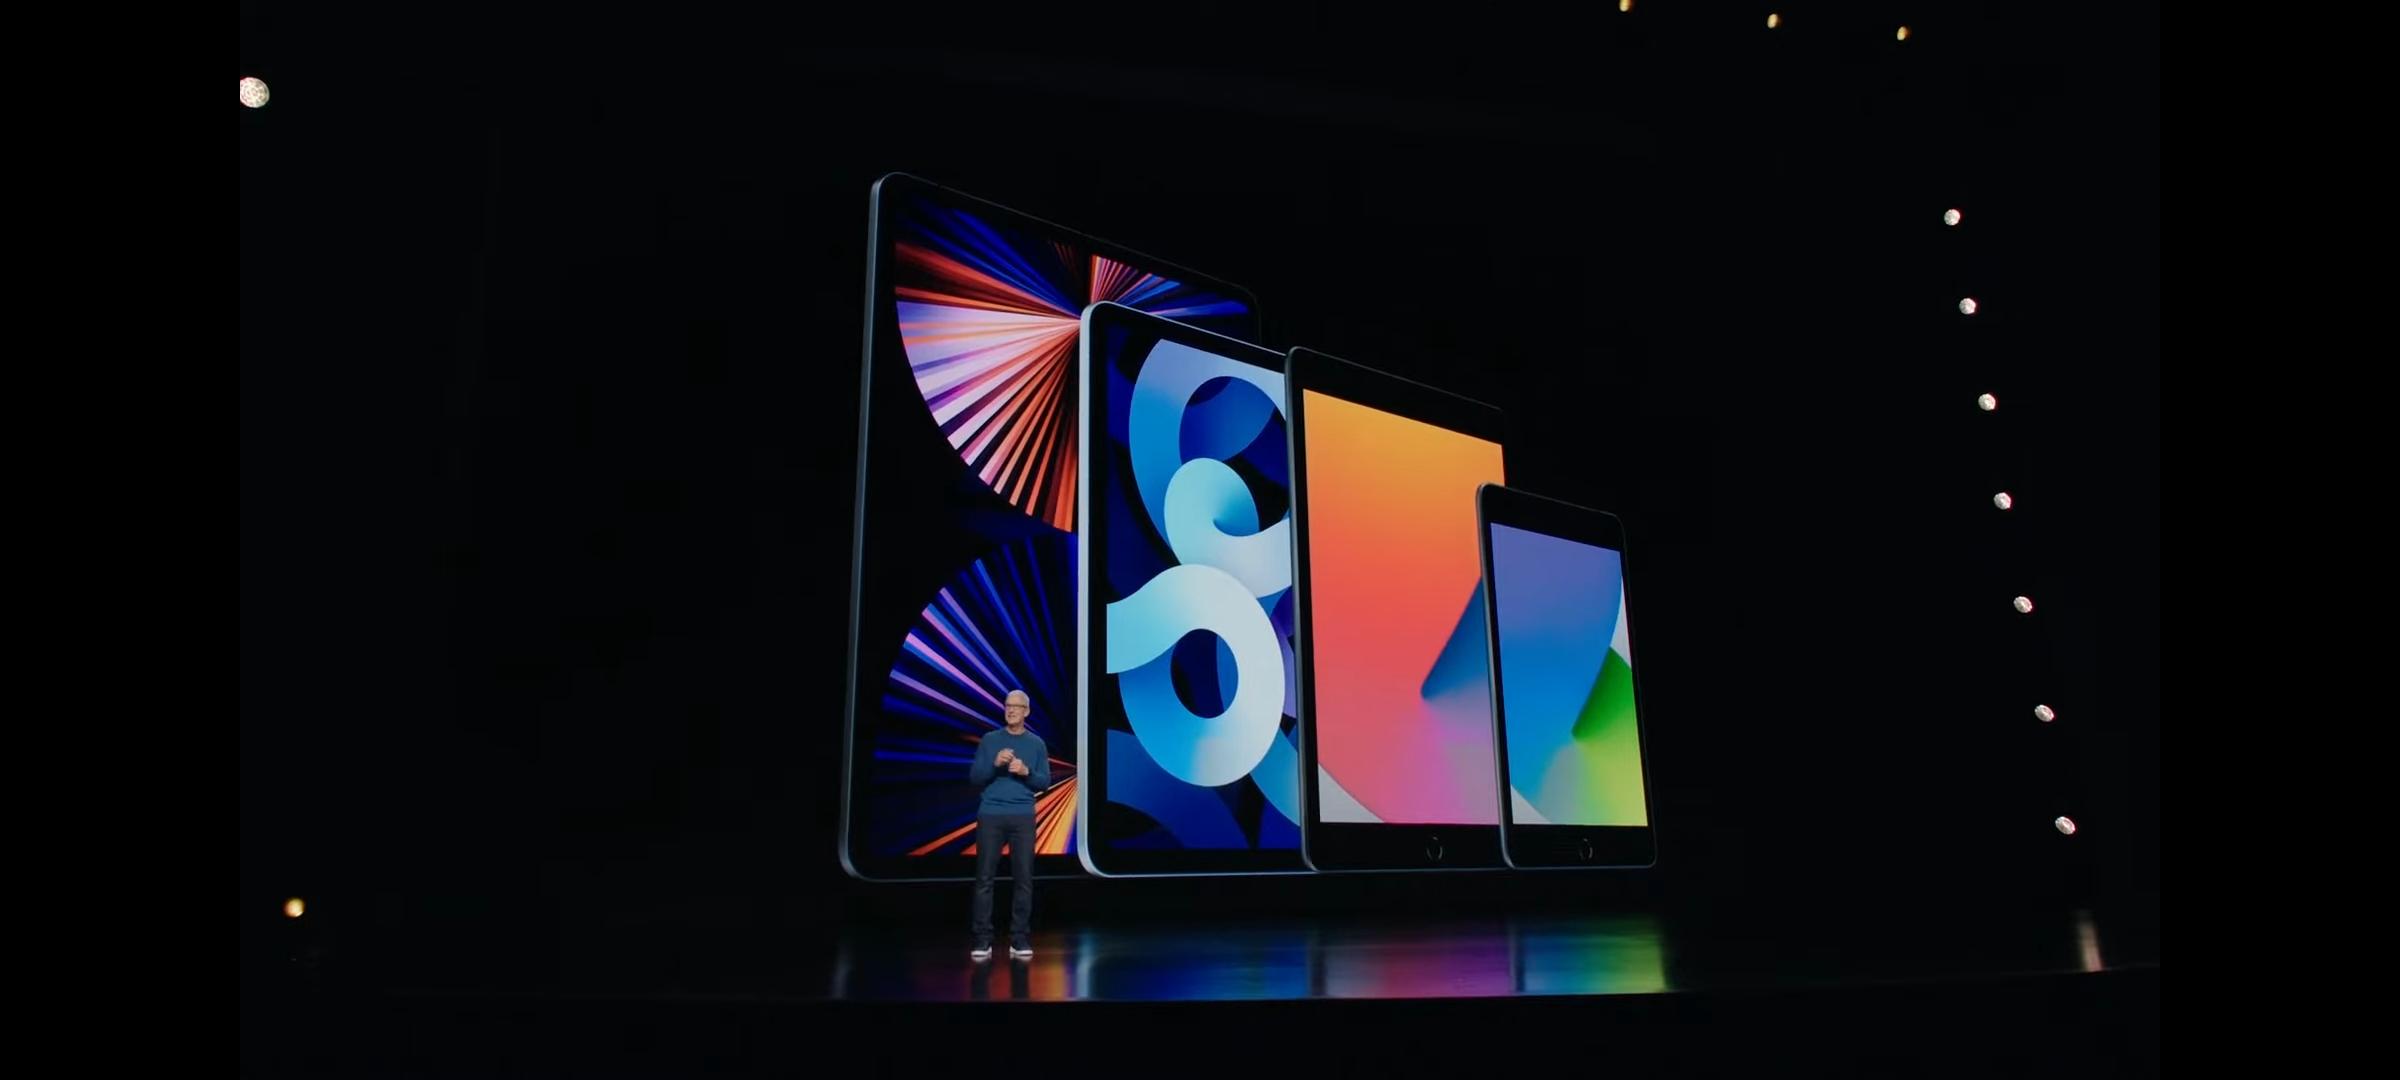 Новинки от Apple: Взгляд.uz обозревает, чем на этот раз удивили производители и сколько стоит новый iPhone 13